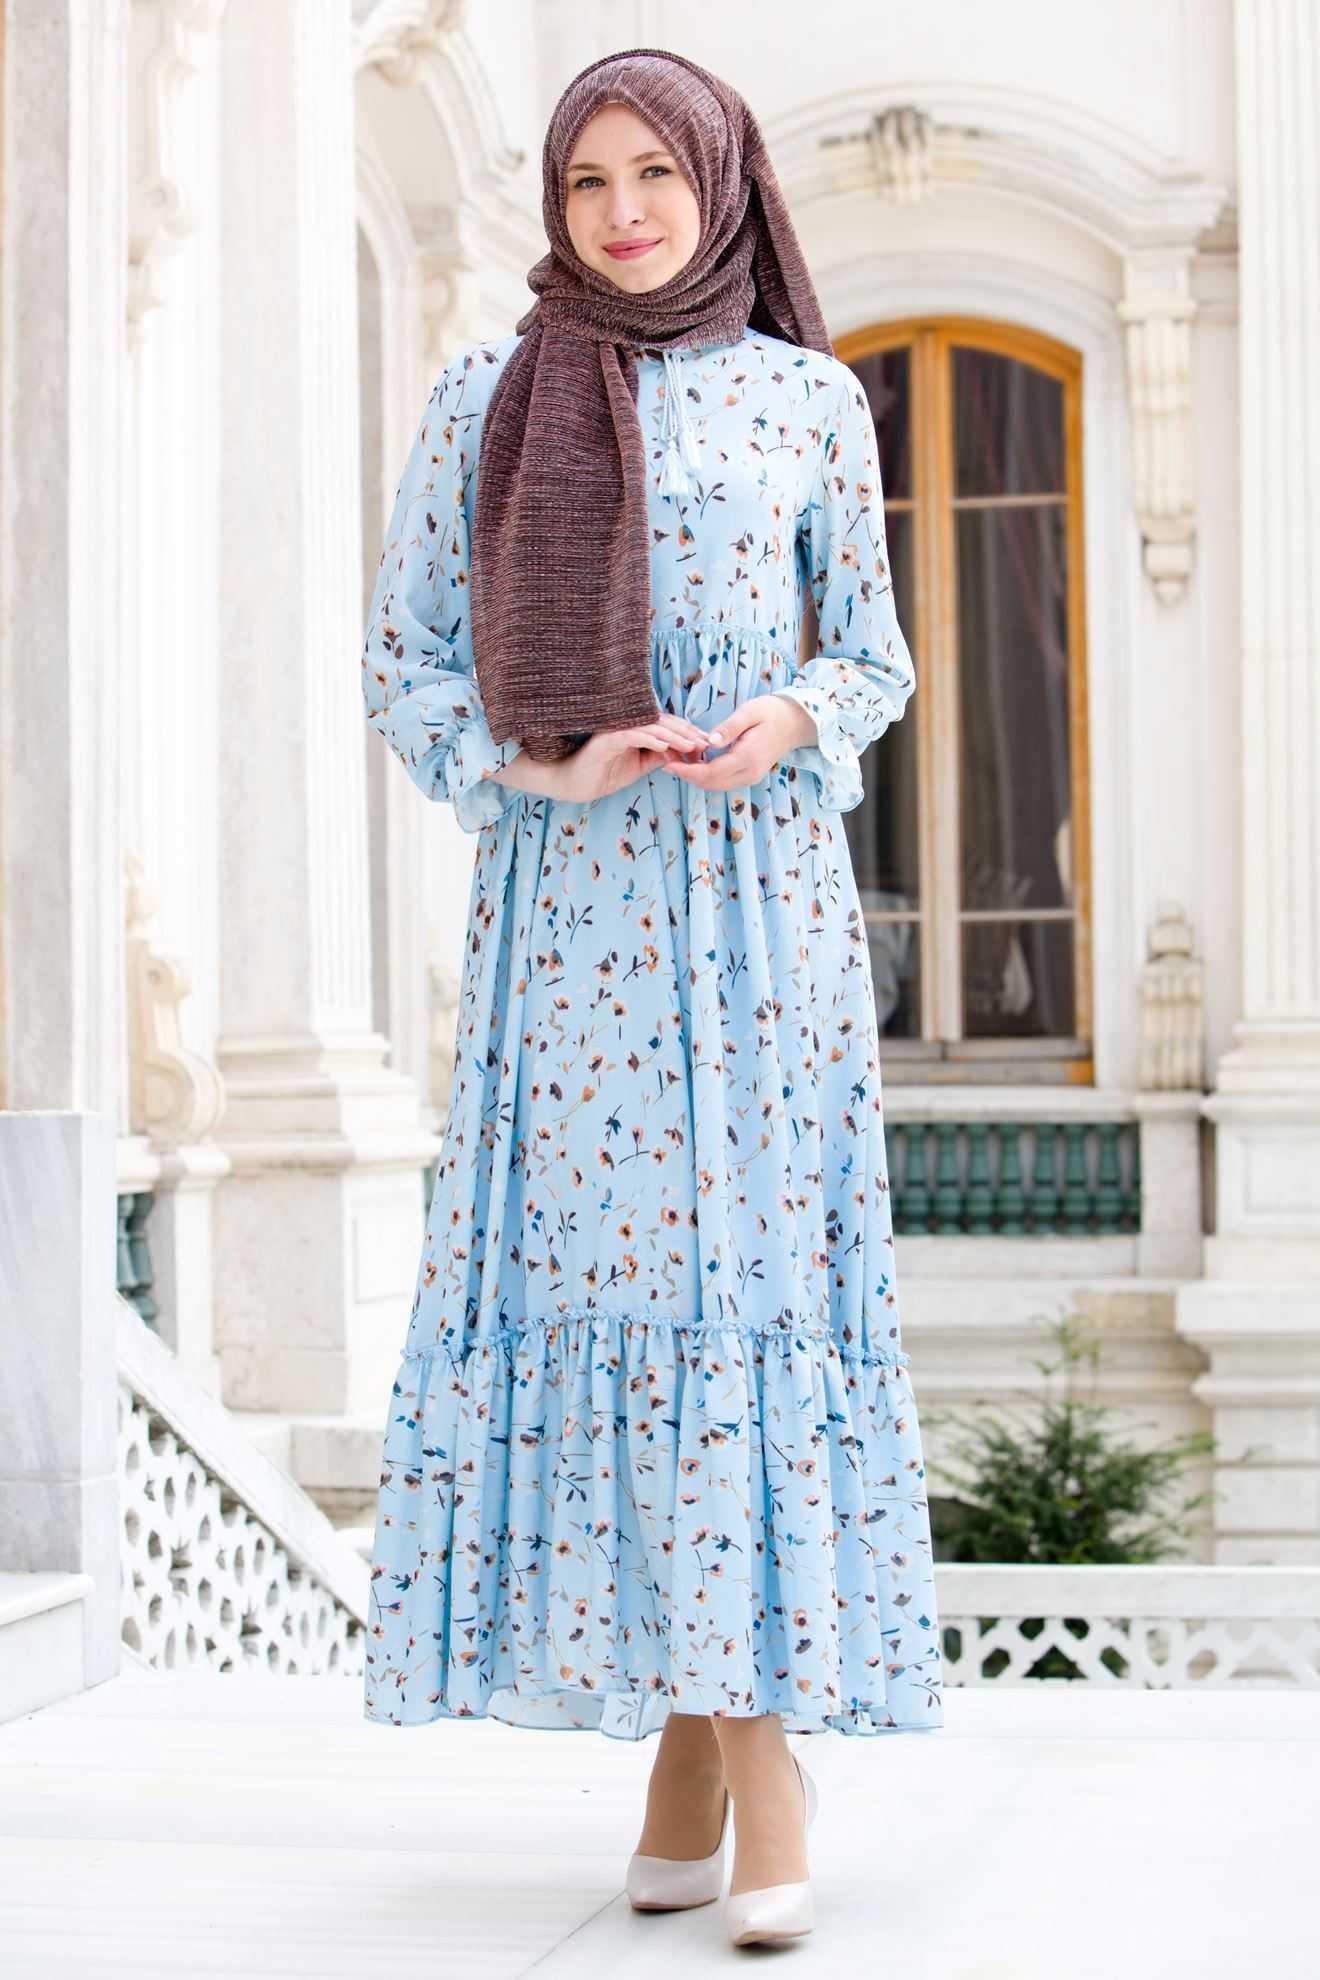 Sedanur Çiçek Baskılı Tesettür Elbise Modelleri